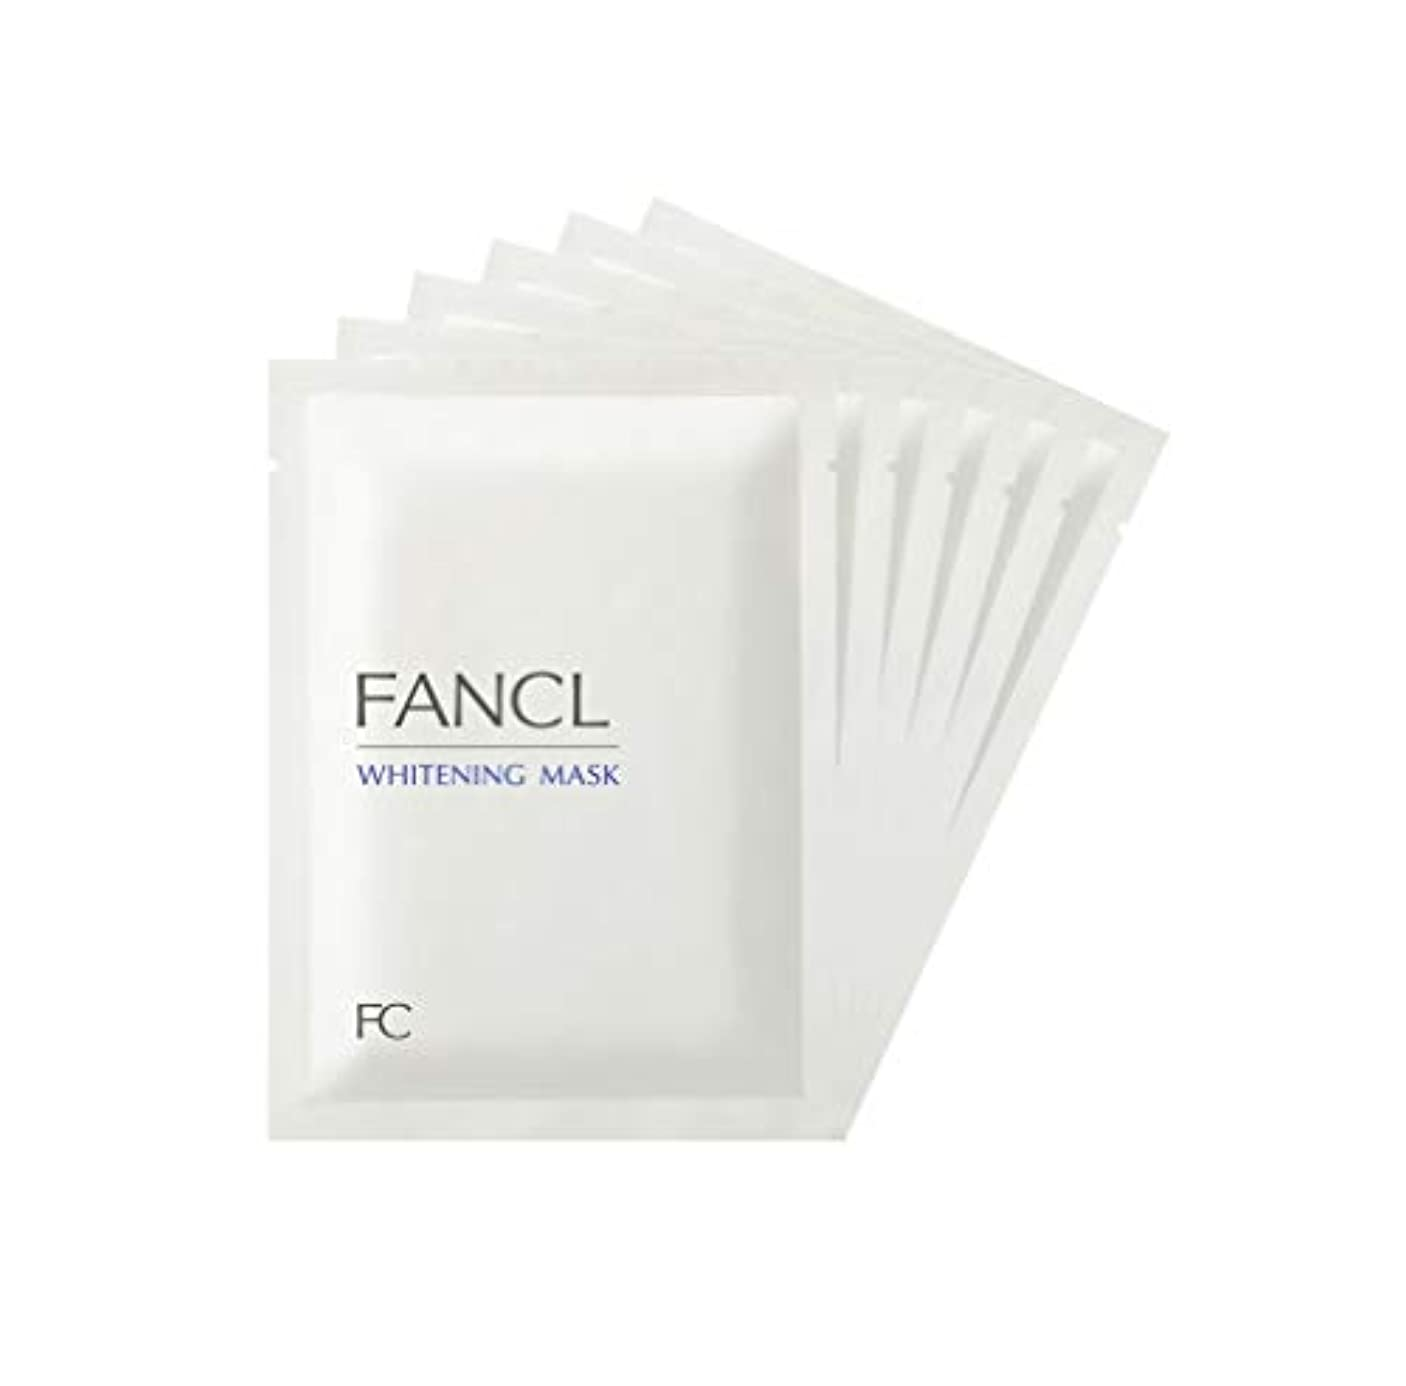 ベッドを作る石炭しがみつくファンケル (FANCL) 新 ホワイトニング マスク 6枚セット (21mL×6) 【医薬部外品】